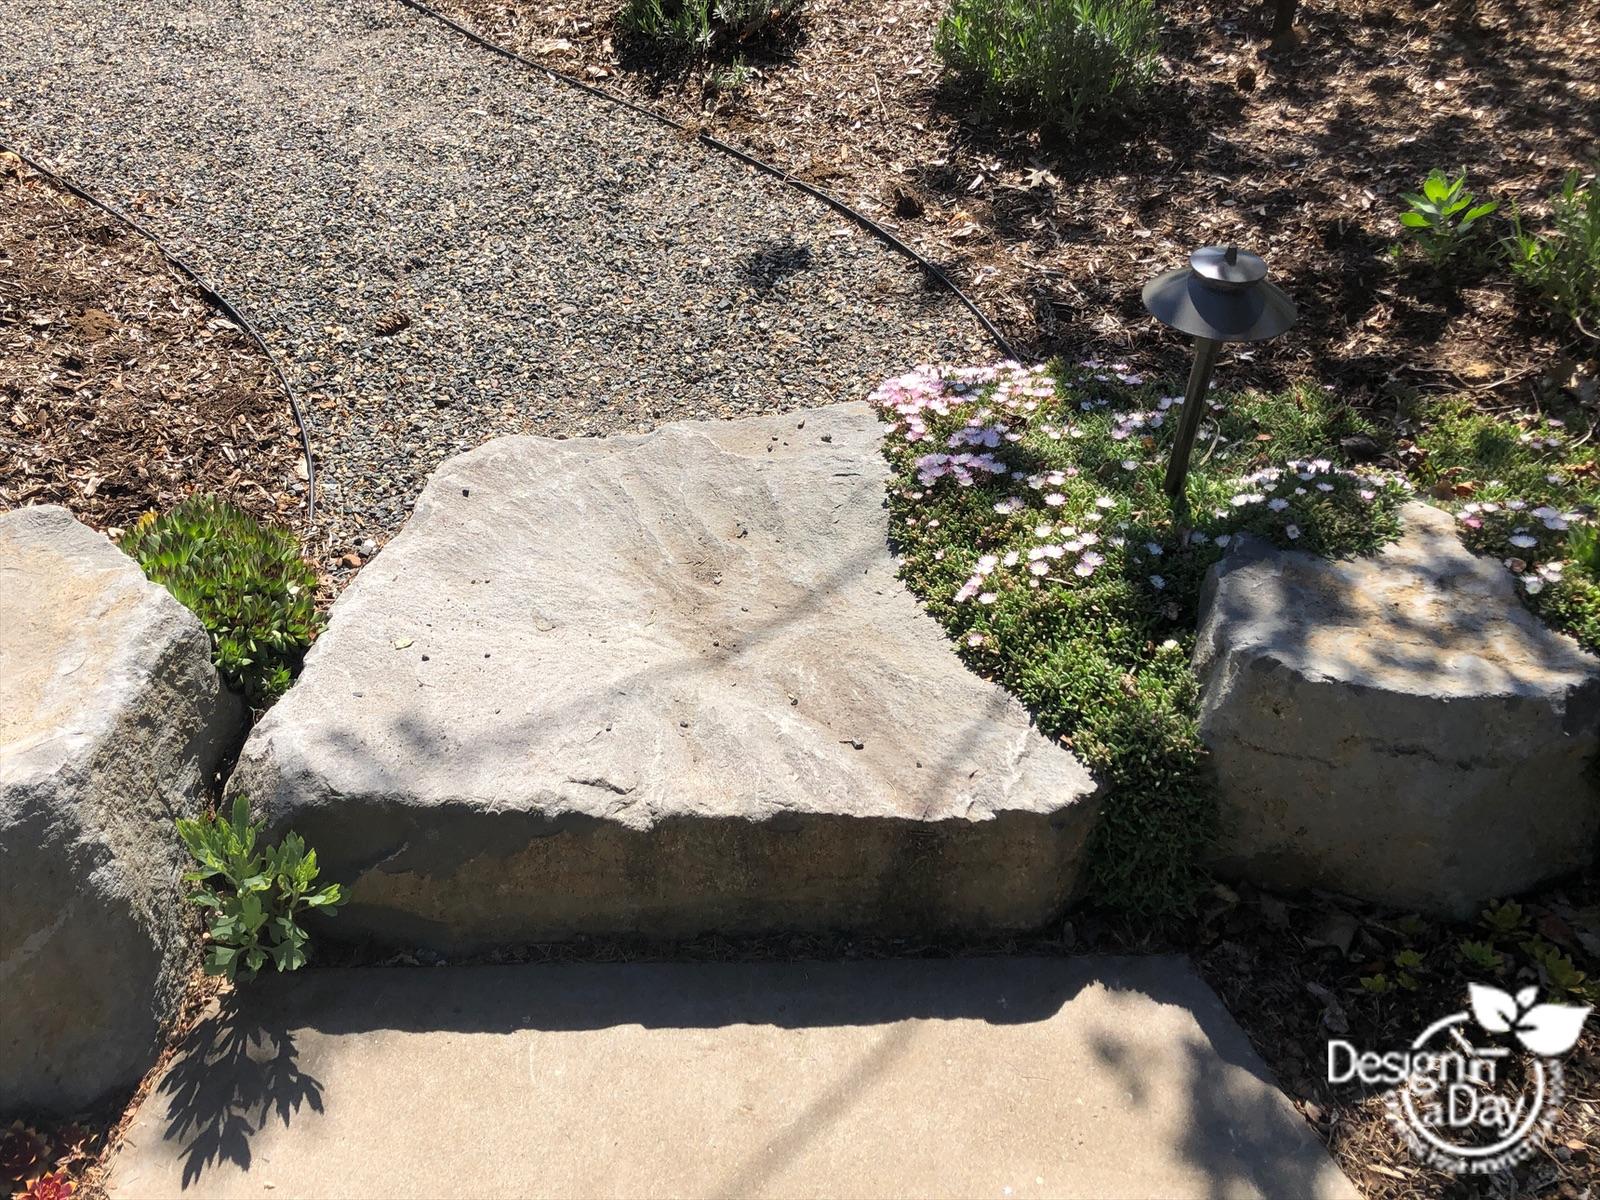 drought tolerant landscape design includes boulders